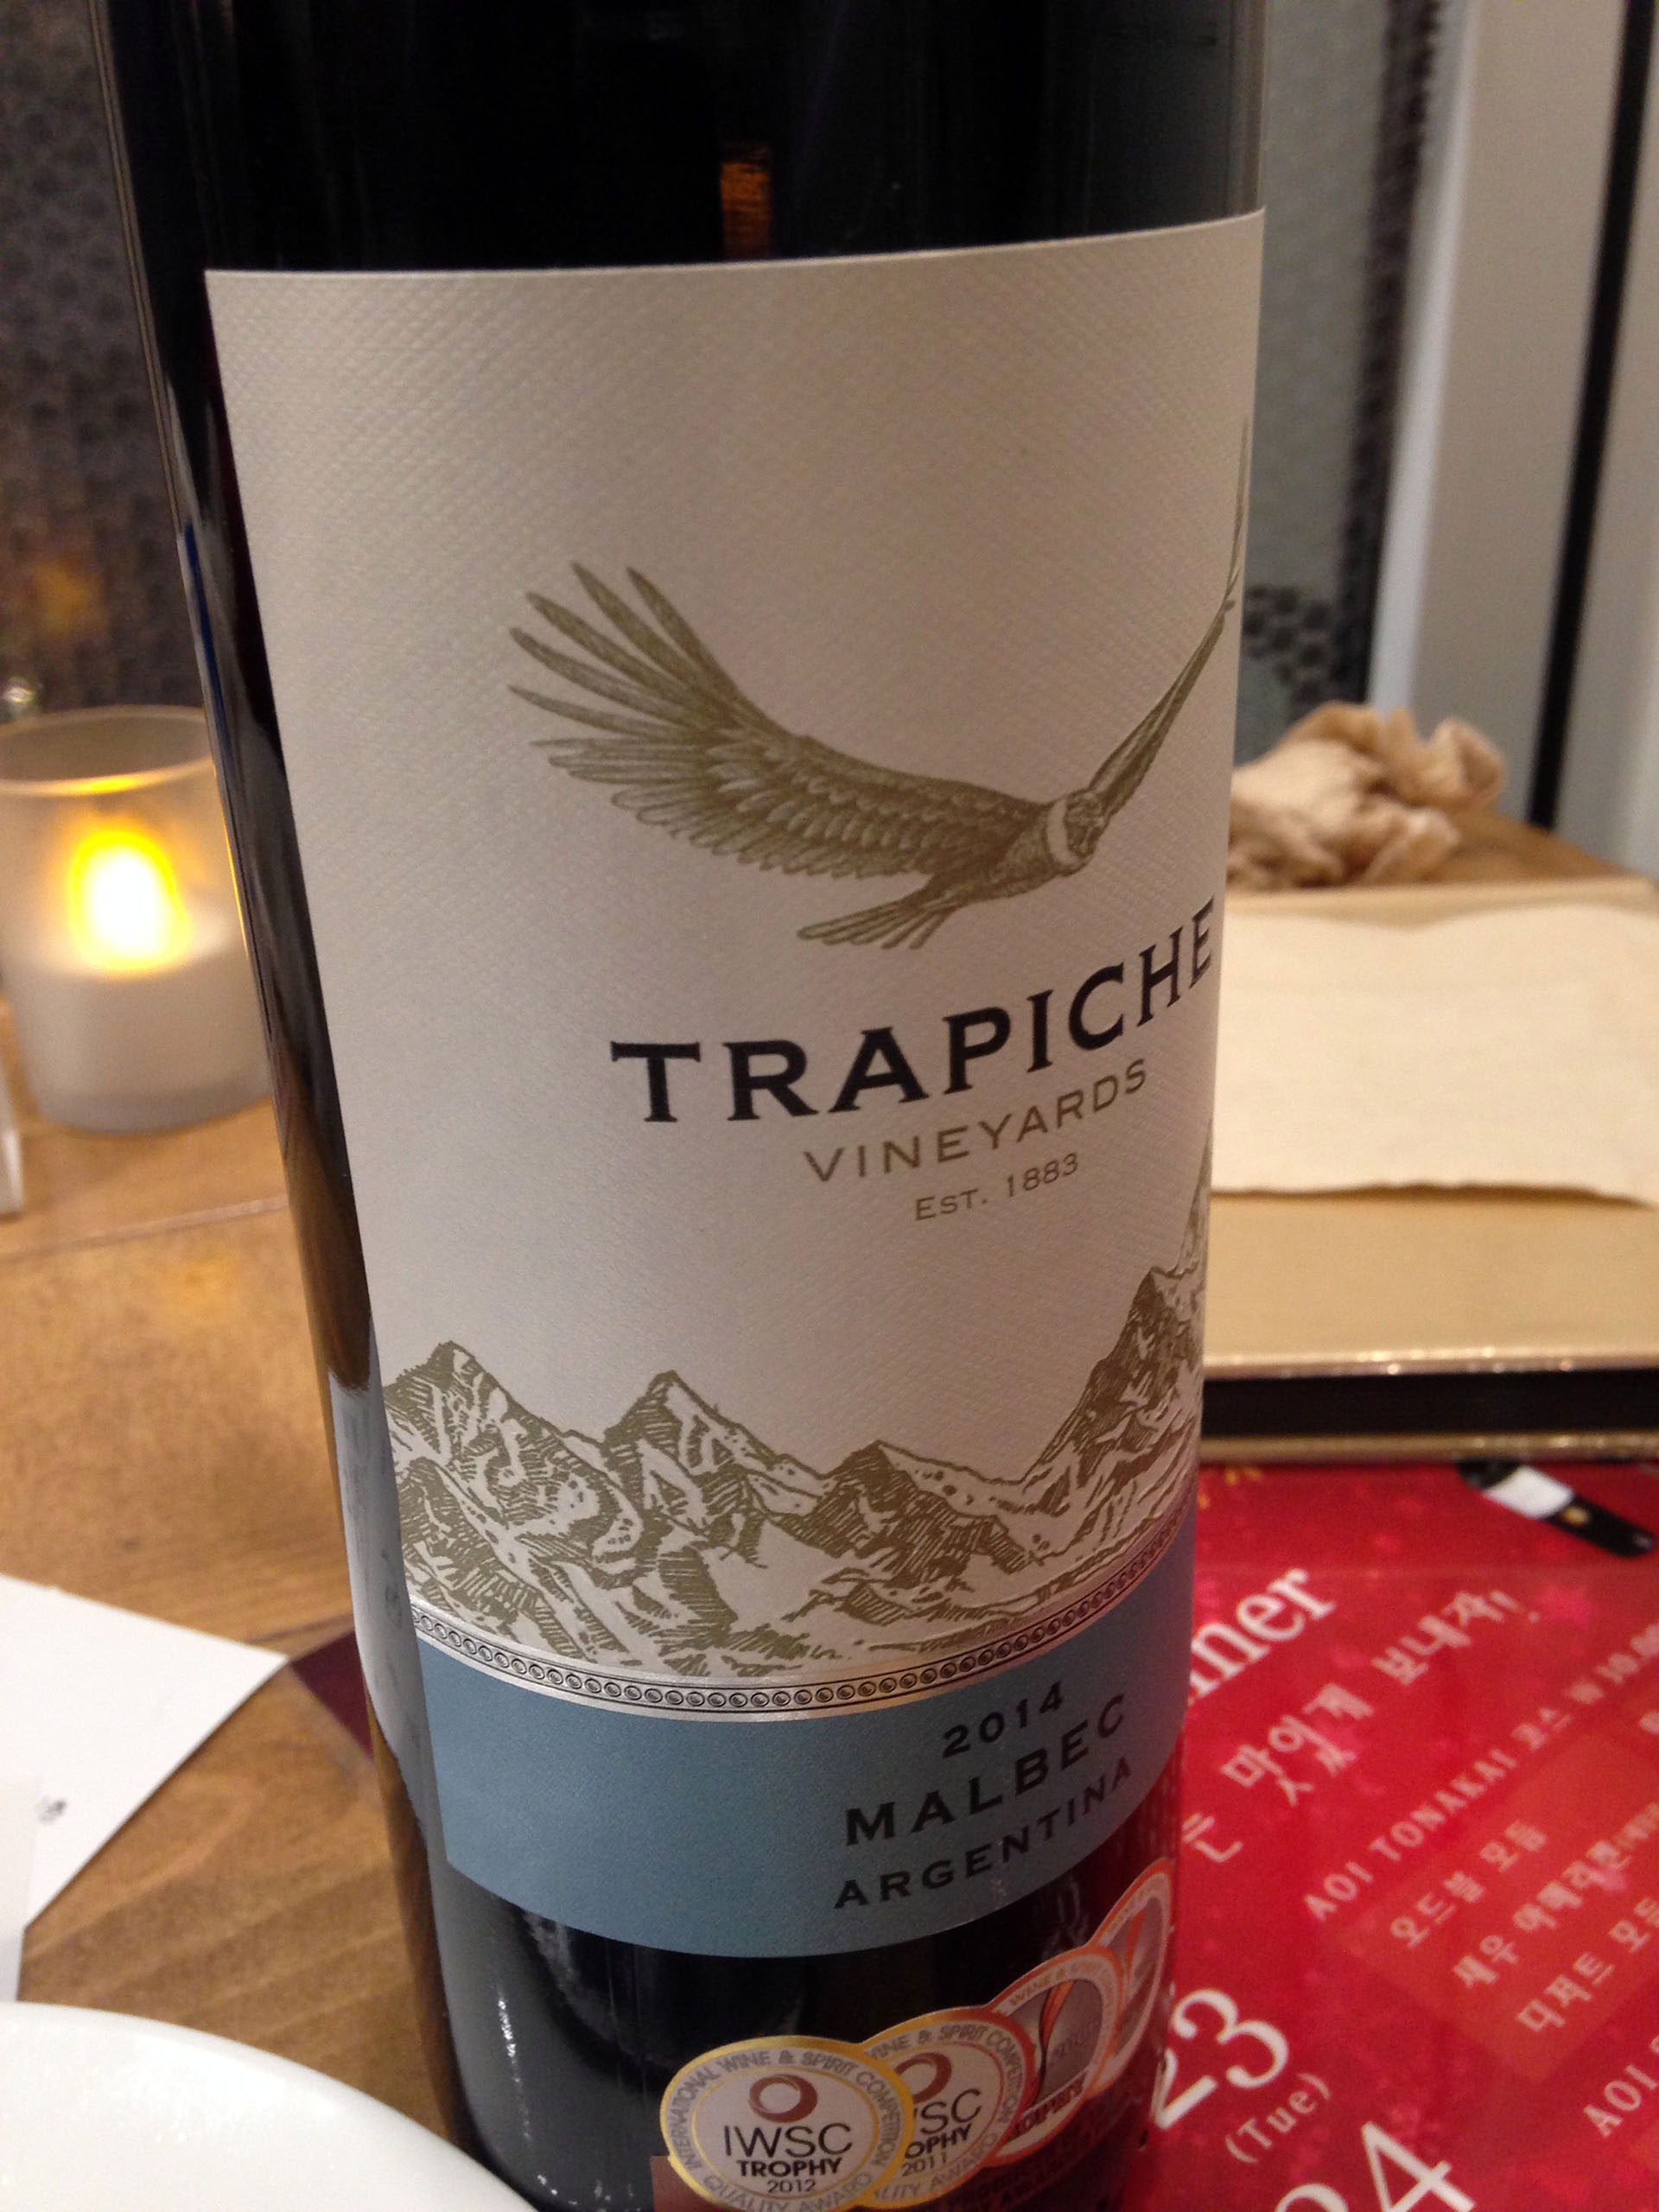 Trapiche Vineyard Malbec 2014 Argentina